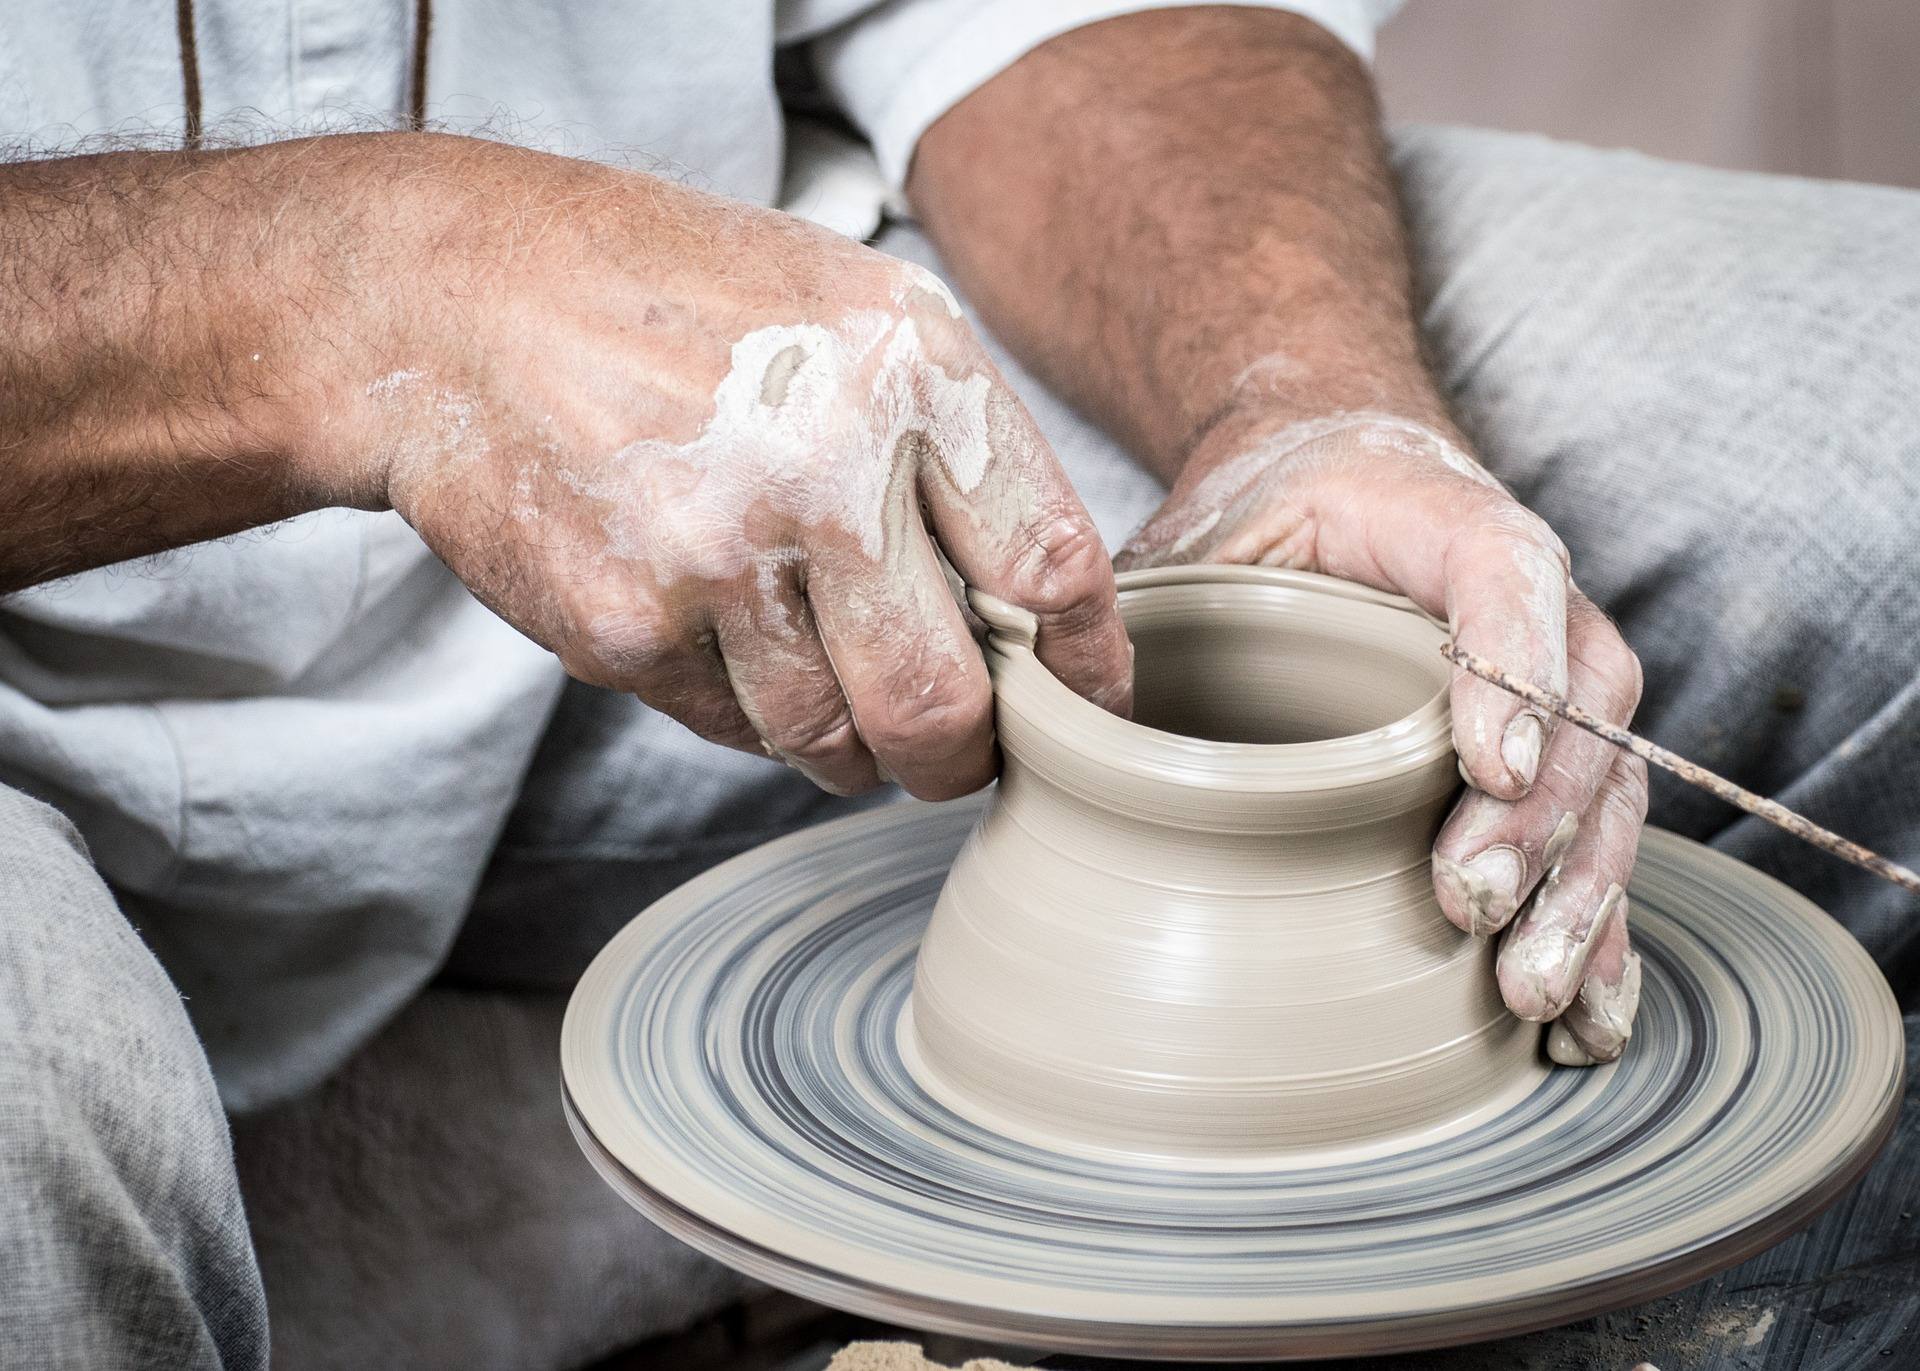 Jakie jest zastosowanie porcelany? - Zdjęcie główne